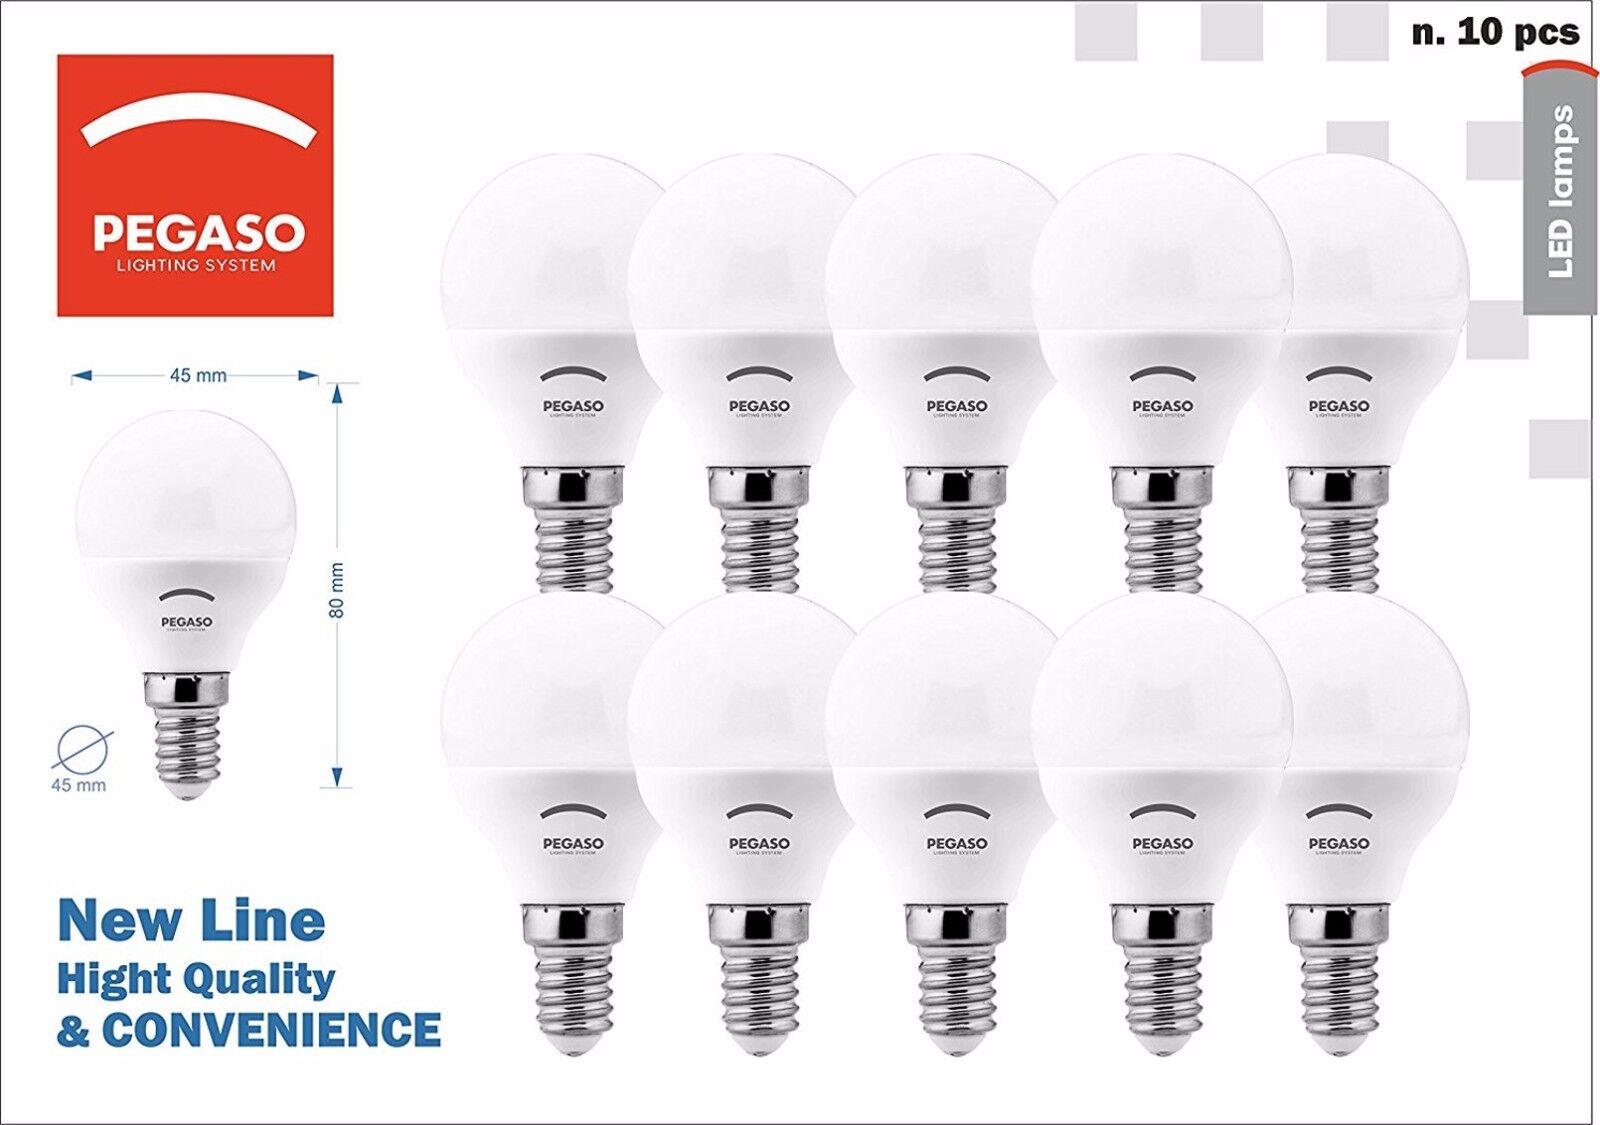 10 lampadine LED Pegaso sfera A+ P45 E14 5W 7W luce calda naturale fredda